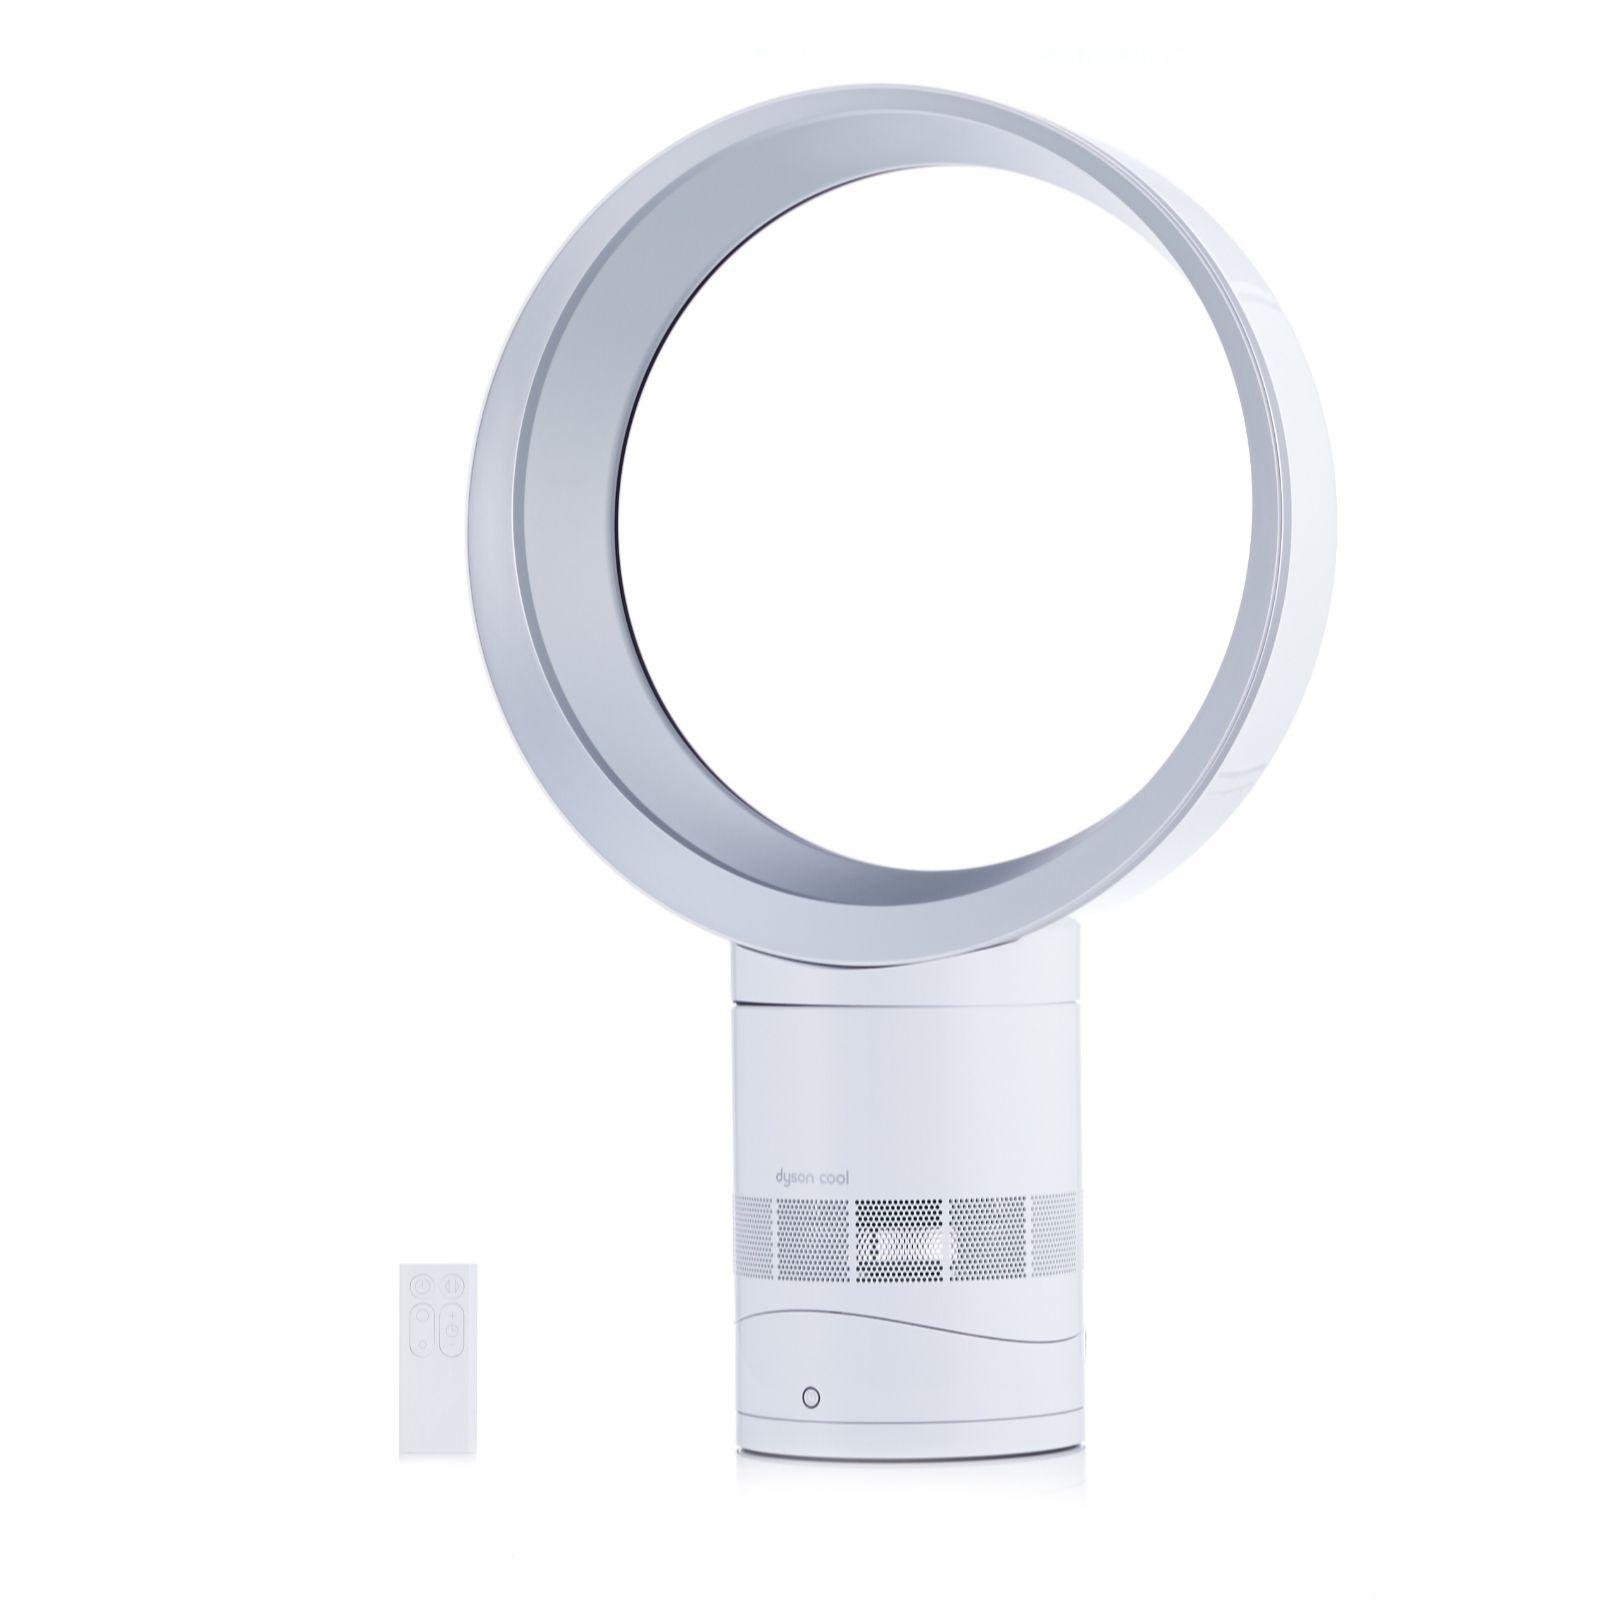 Dyson AM06 Quiet Cooling Fan